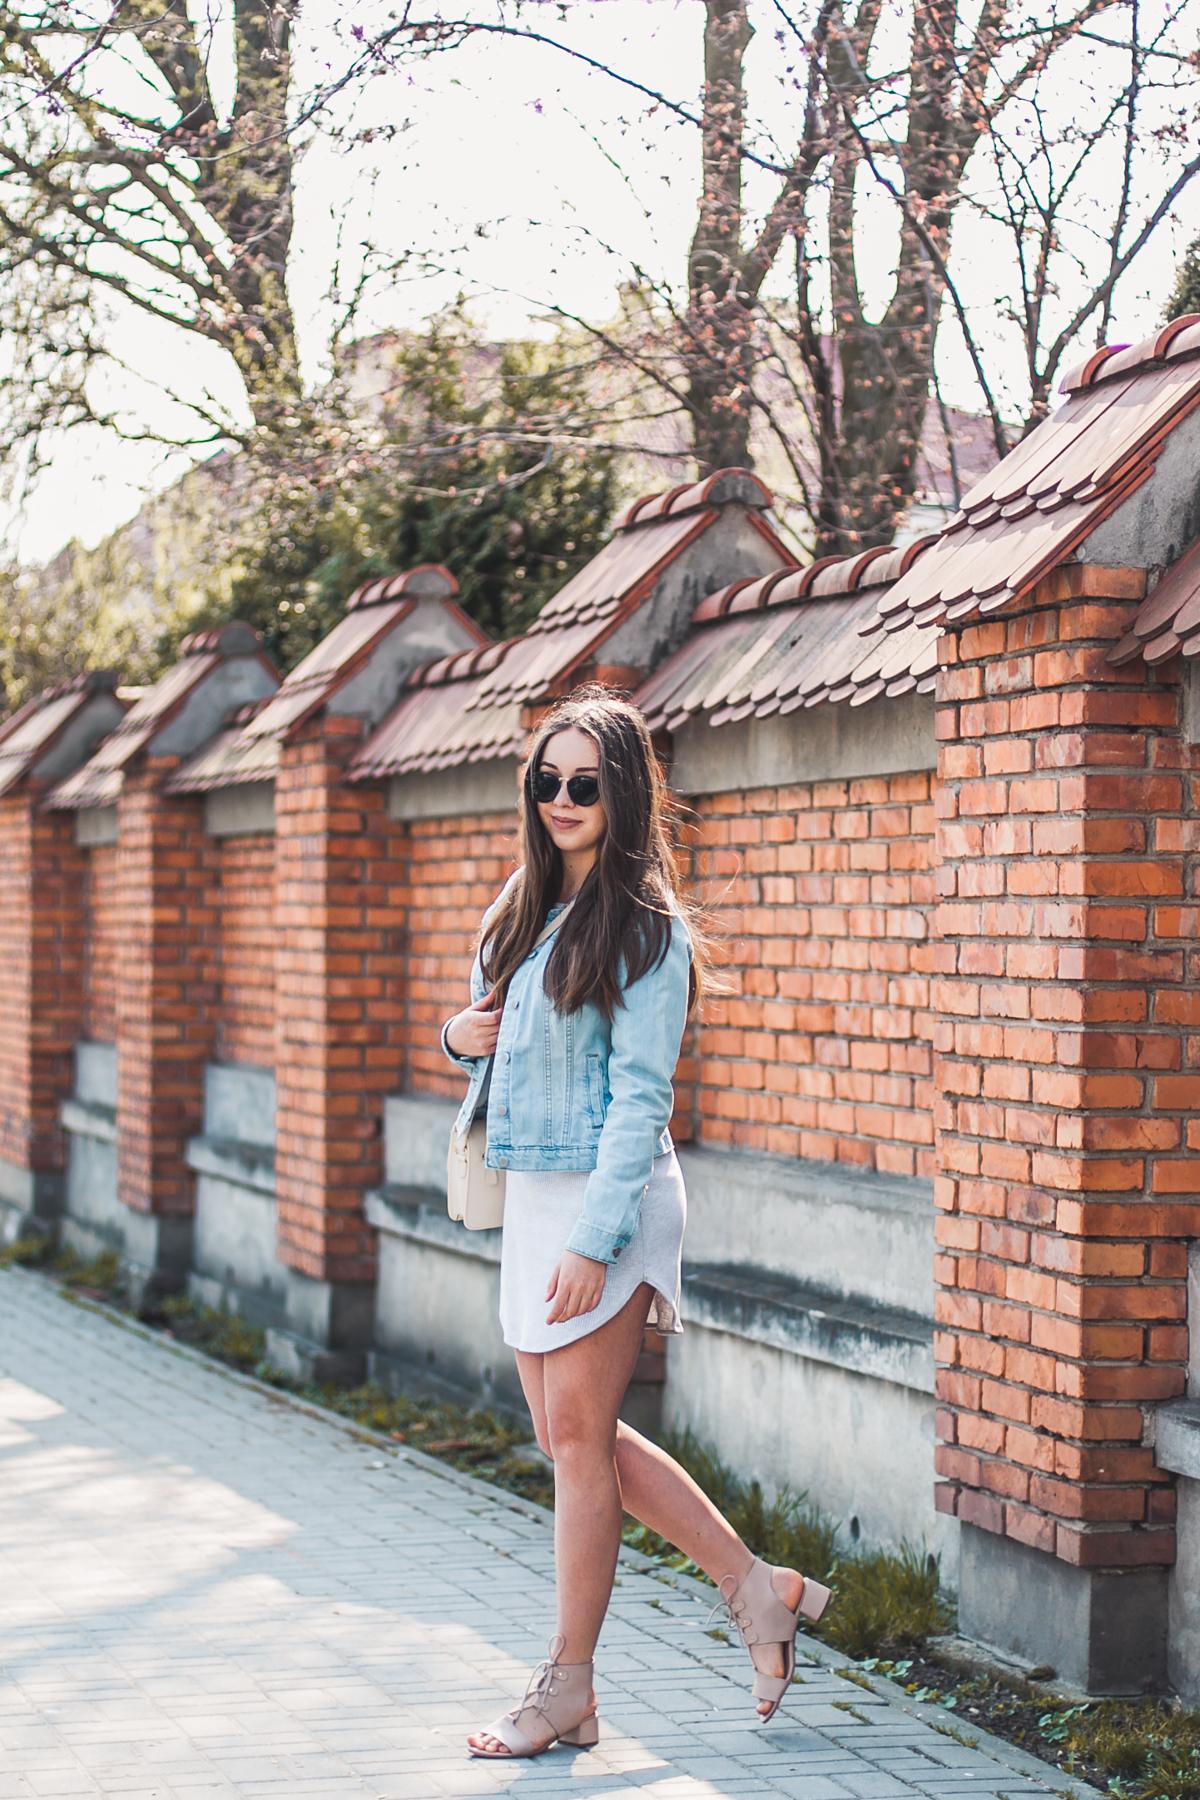 jeansowa kurtka do czego ubierać